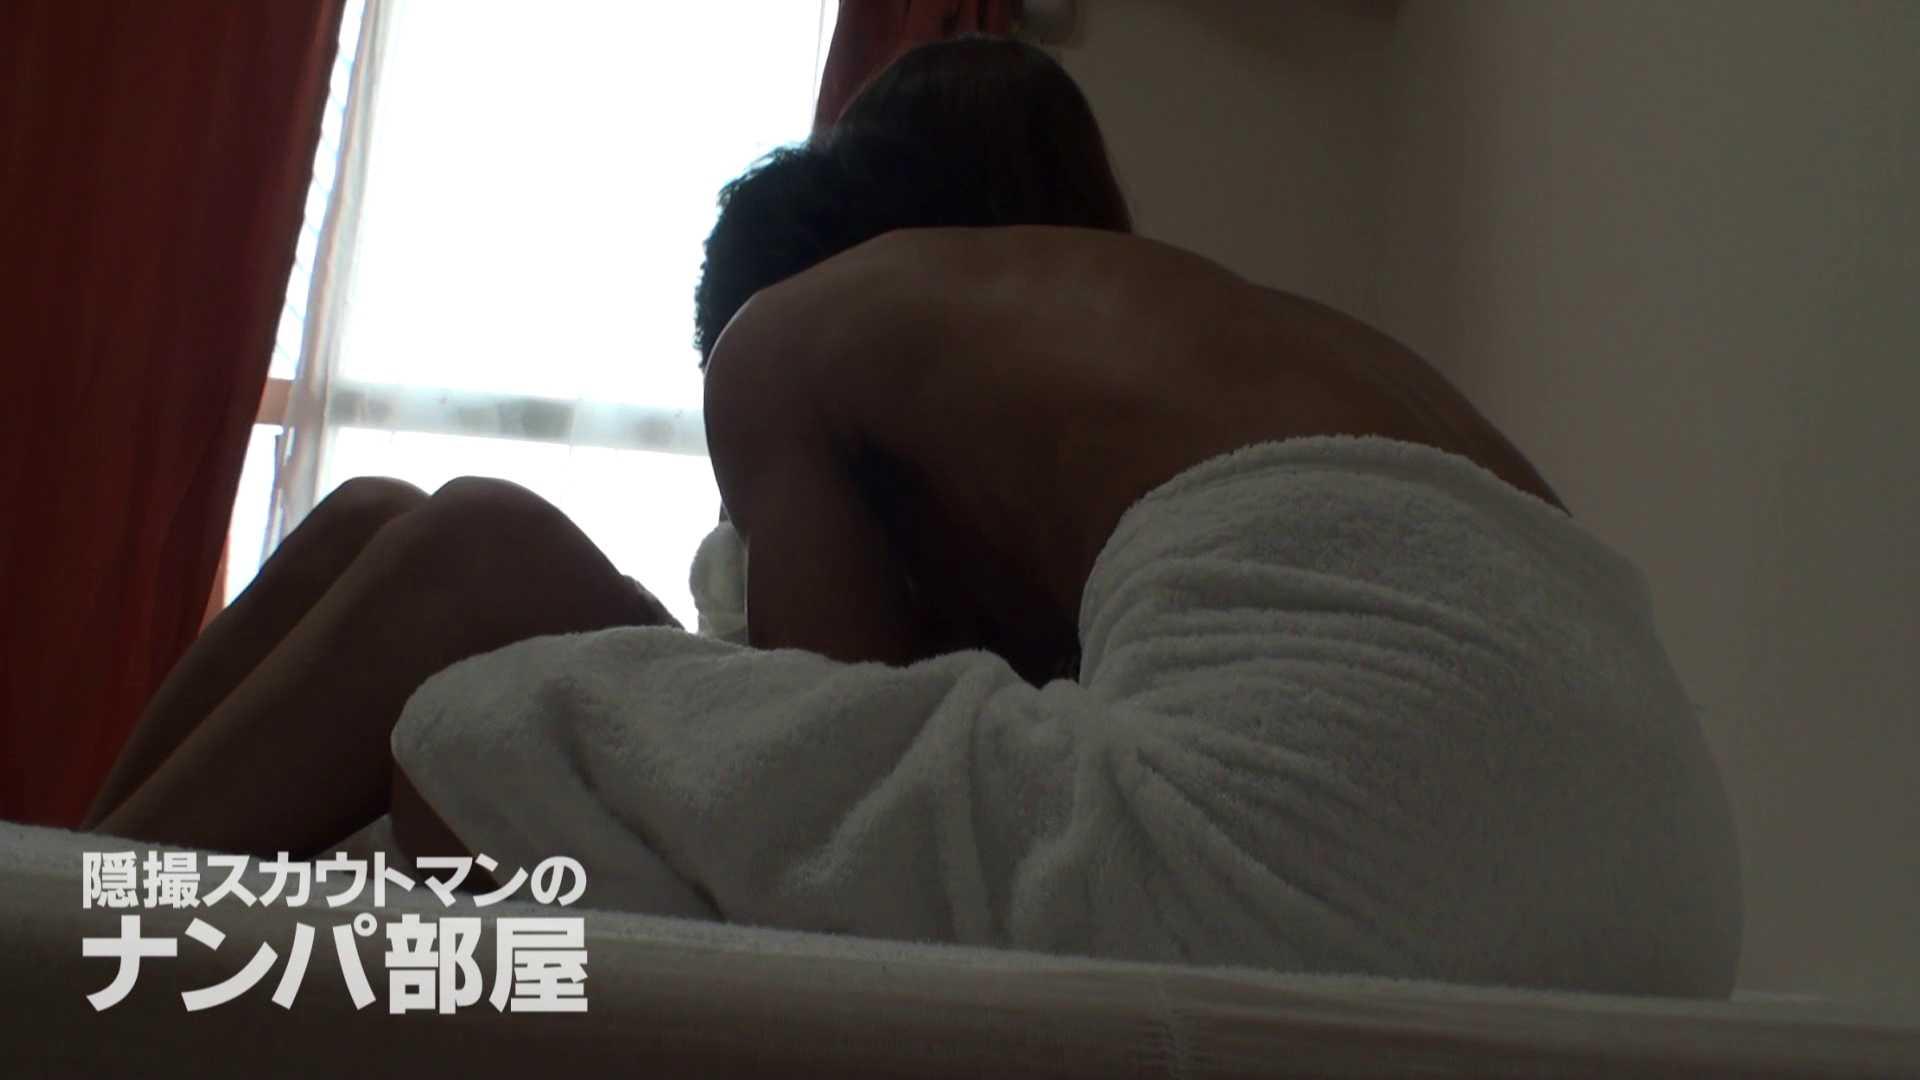 隠撮スカウトマンのナンパ部屋~風俗デビュー前のつまみ食い~ sii 脱衣所 | 隠撮  68画像 41